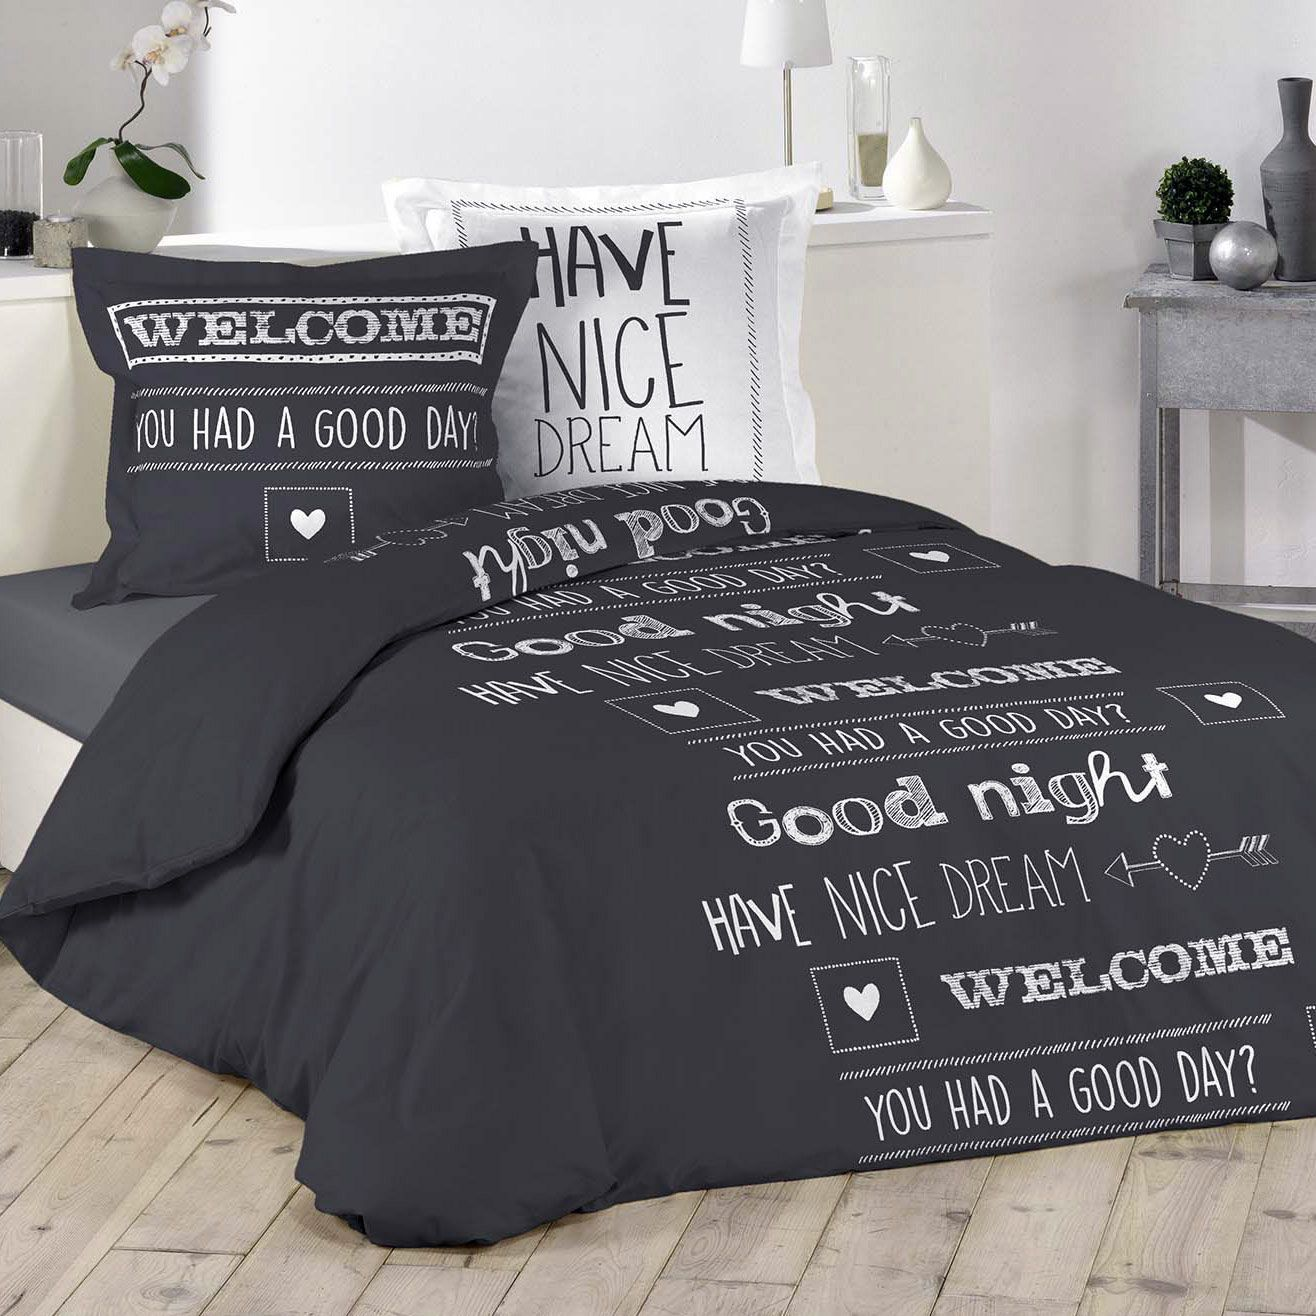 housse de couette et deux taies nice dream 100 coton 200 cm gris anthracite housse de. Black Bedroom Furniture Sets. Home Design Ideas